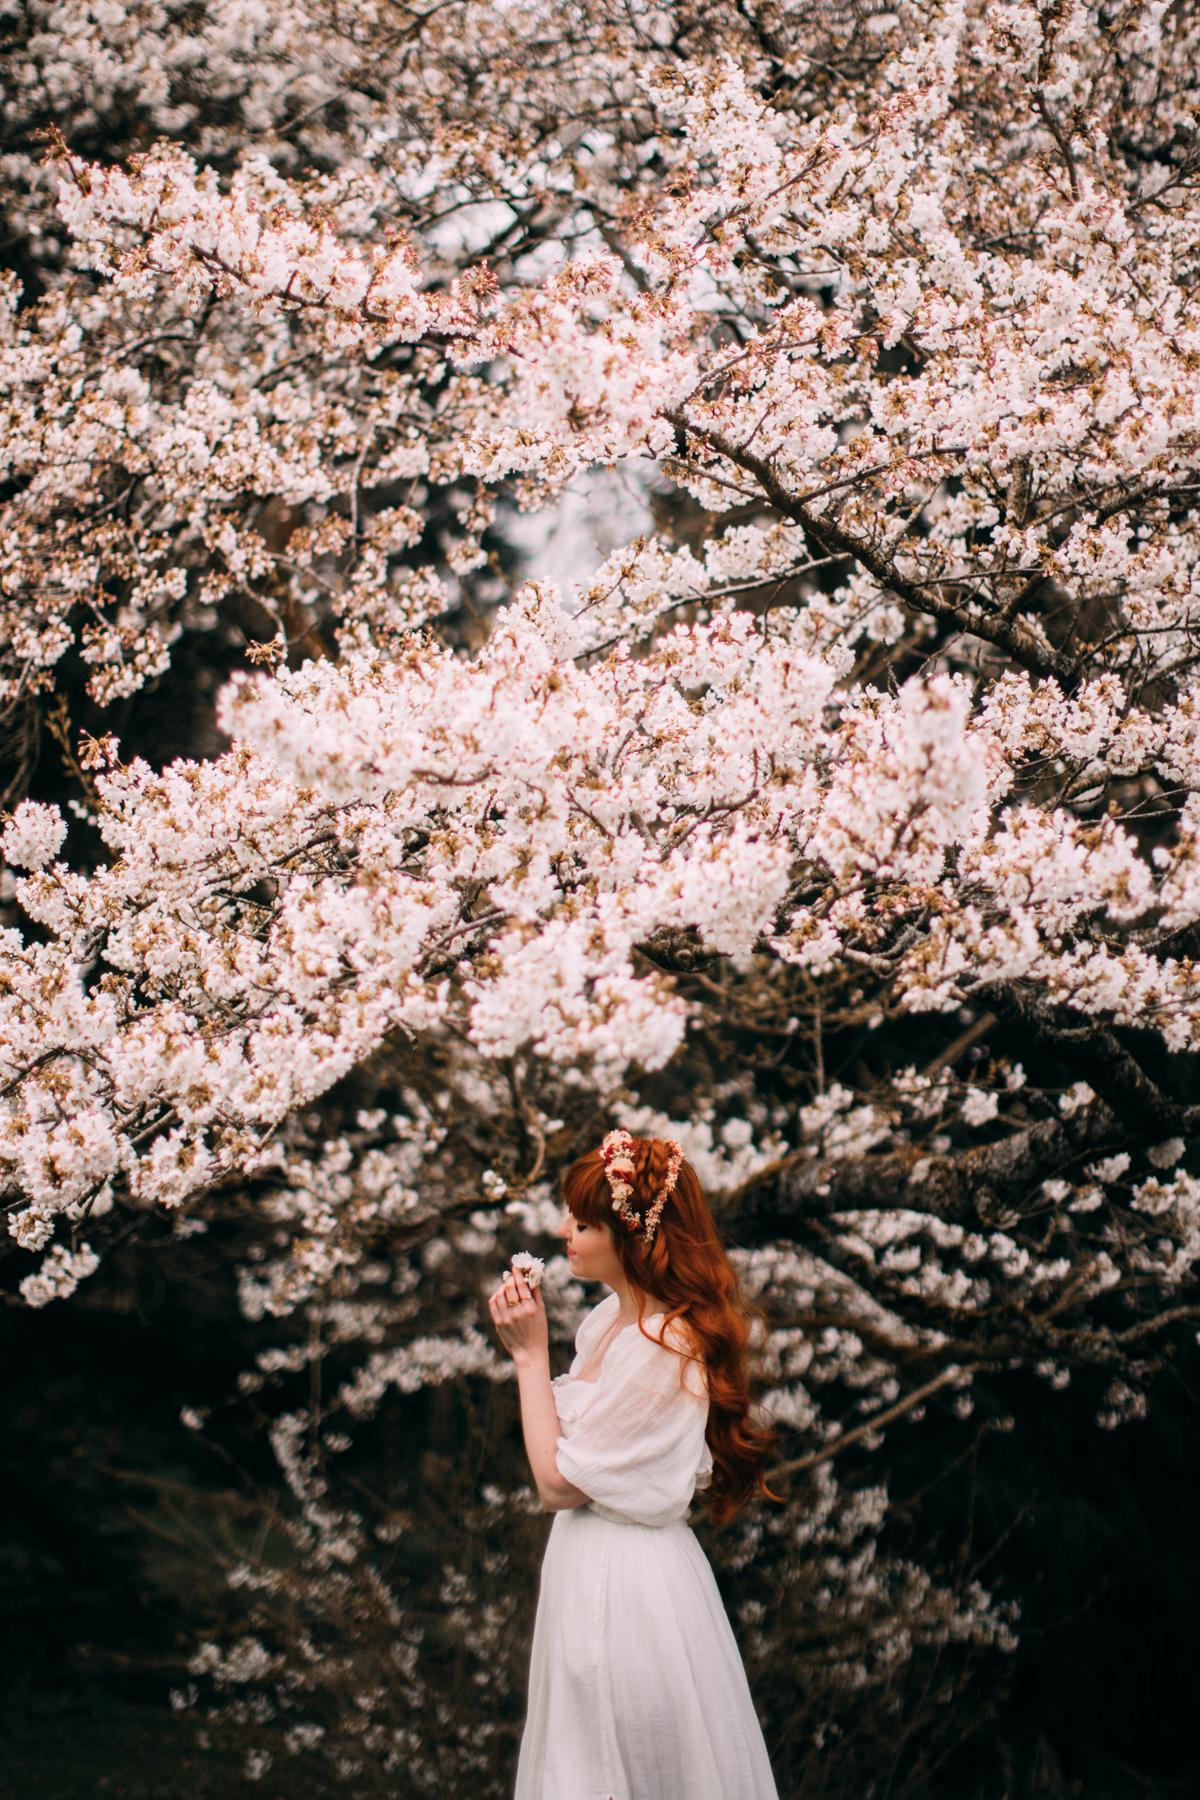 bloss-8